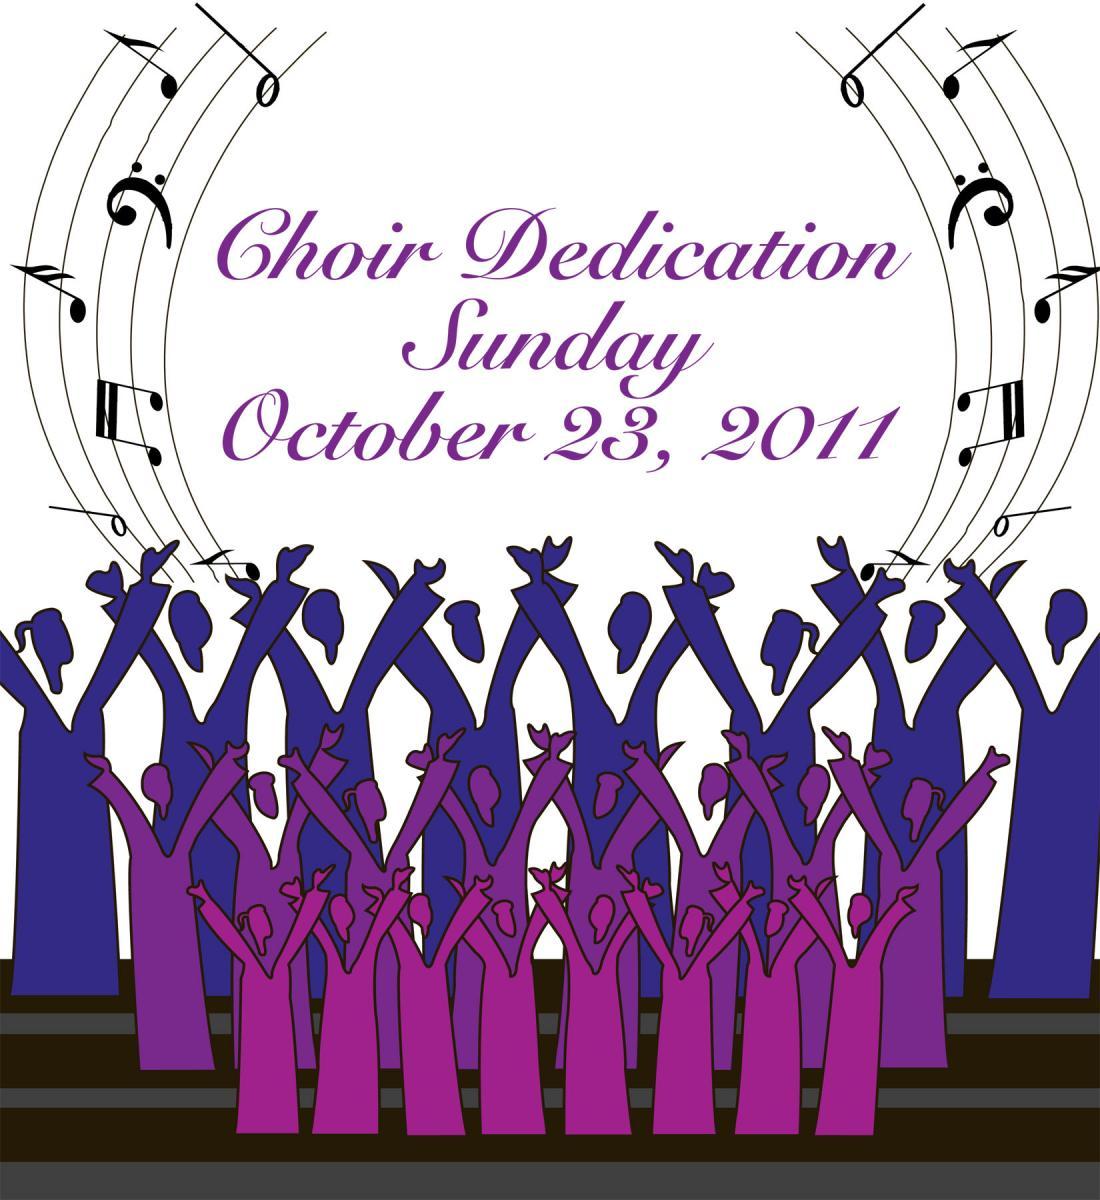 choir clipart anniversary